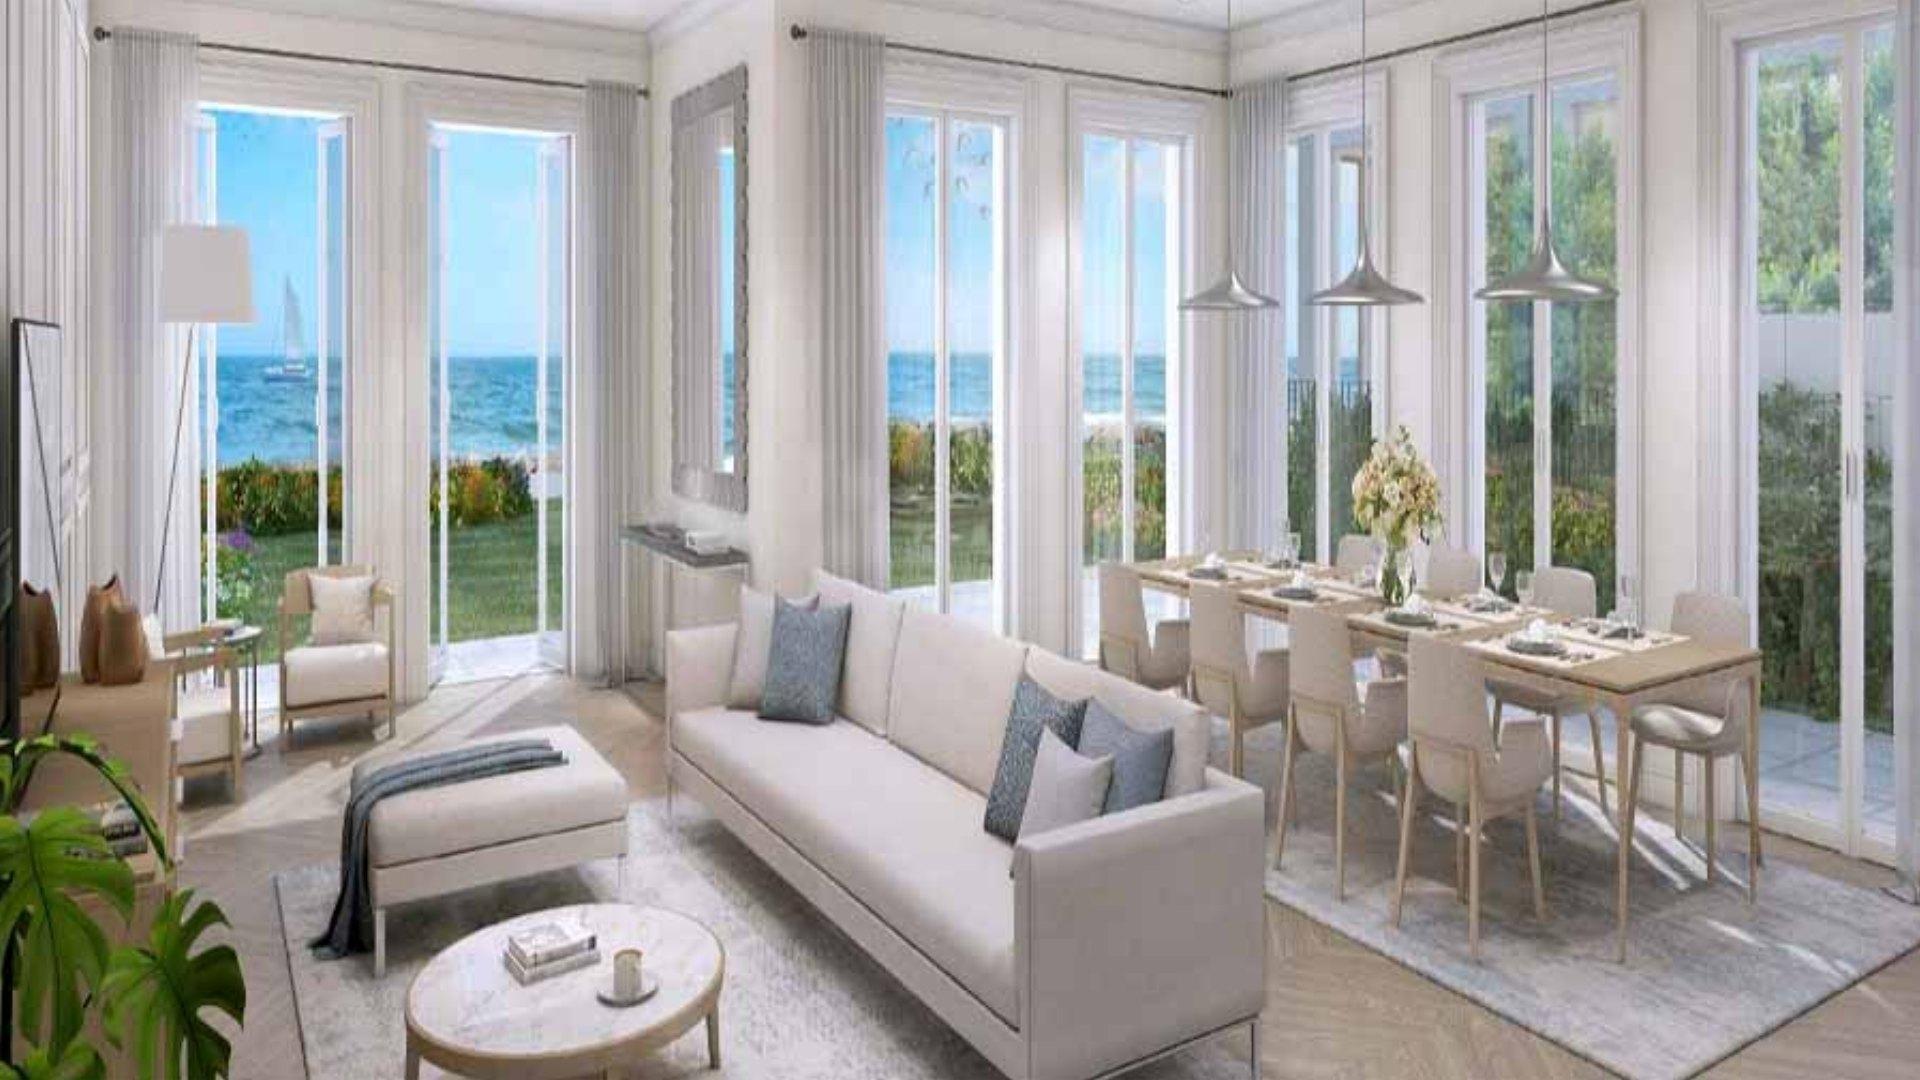 Adosado en venta en Dubai, EAU, 5 dormitorios, 634 m2, № 24332 – foto 4